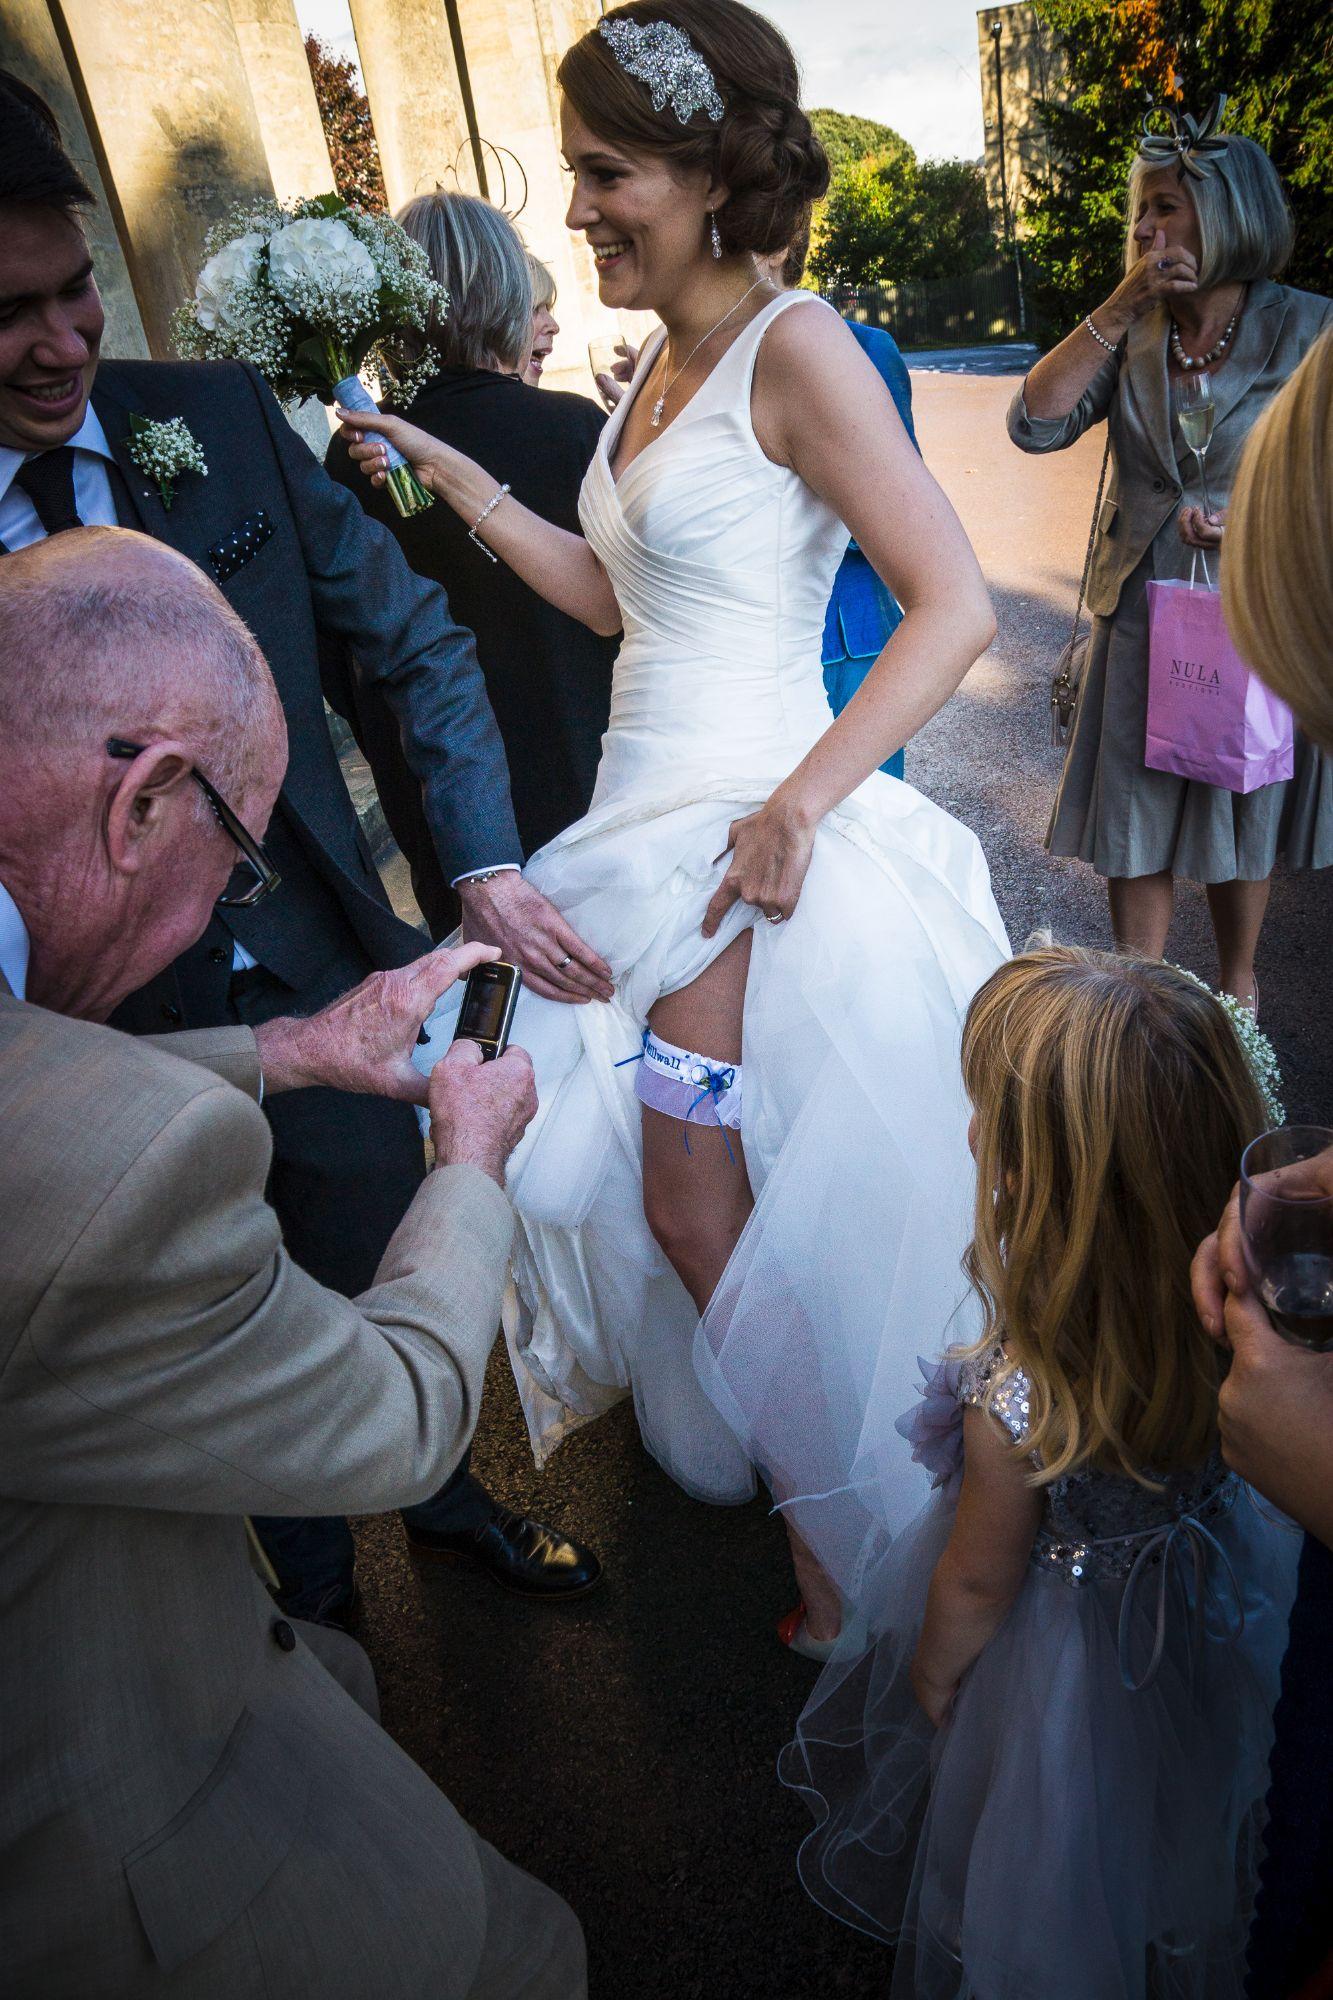 Wedding Garter Photo's Being Taken On The Brides Wedding Day.